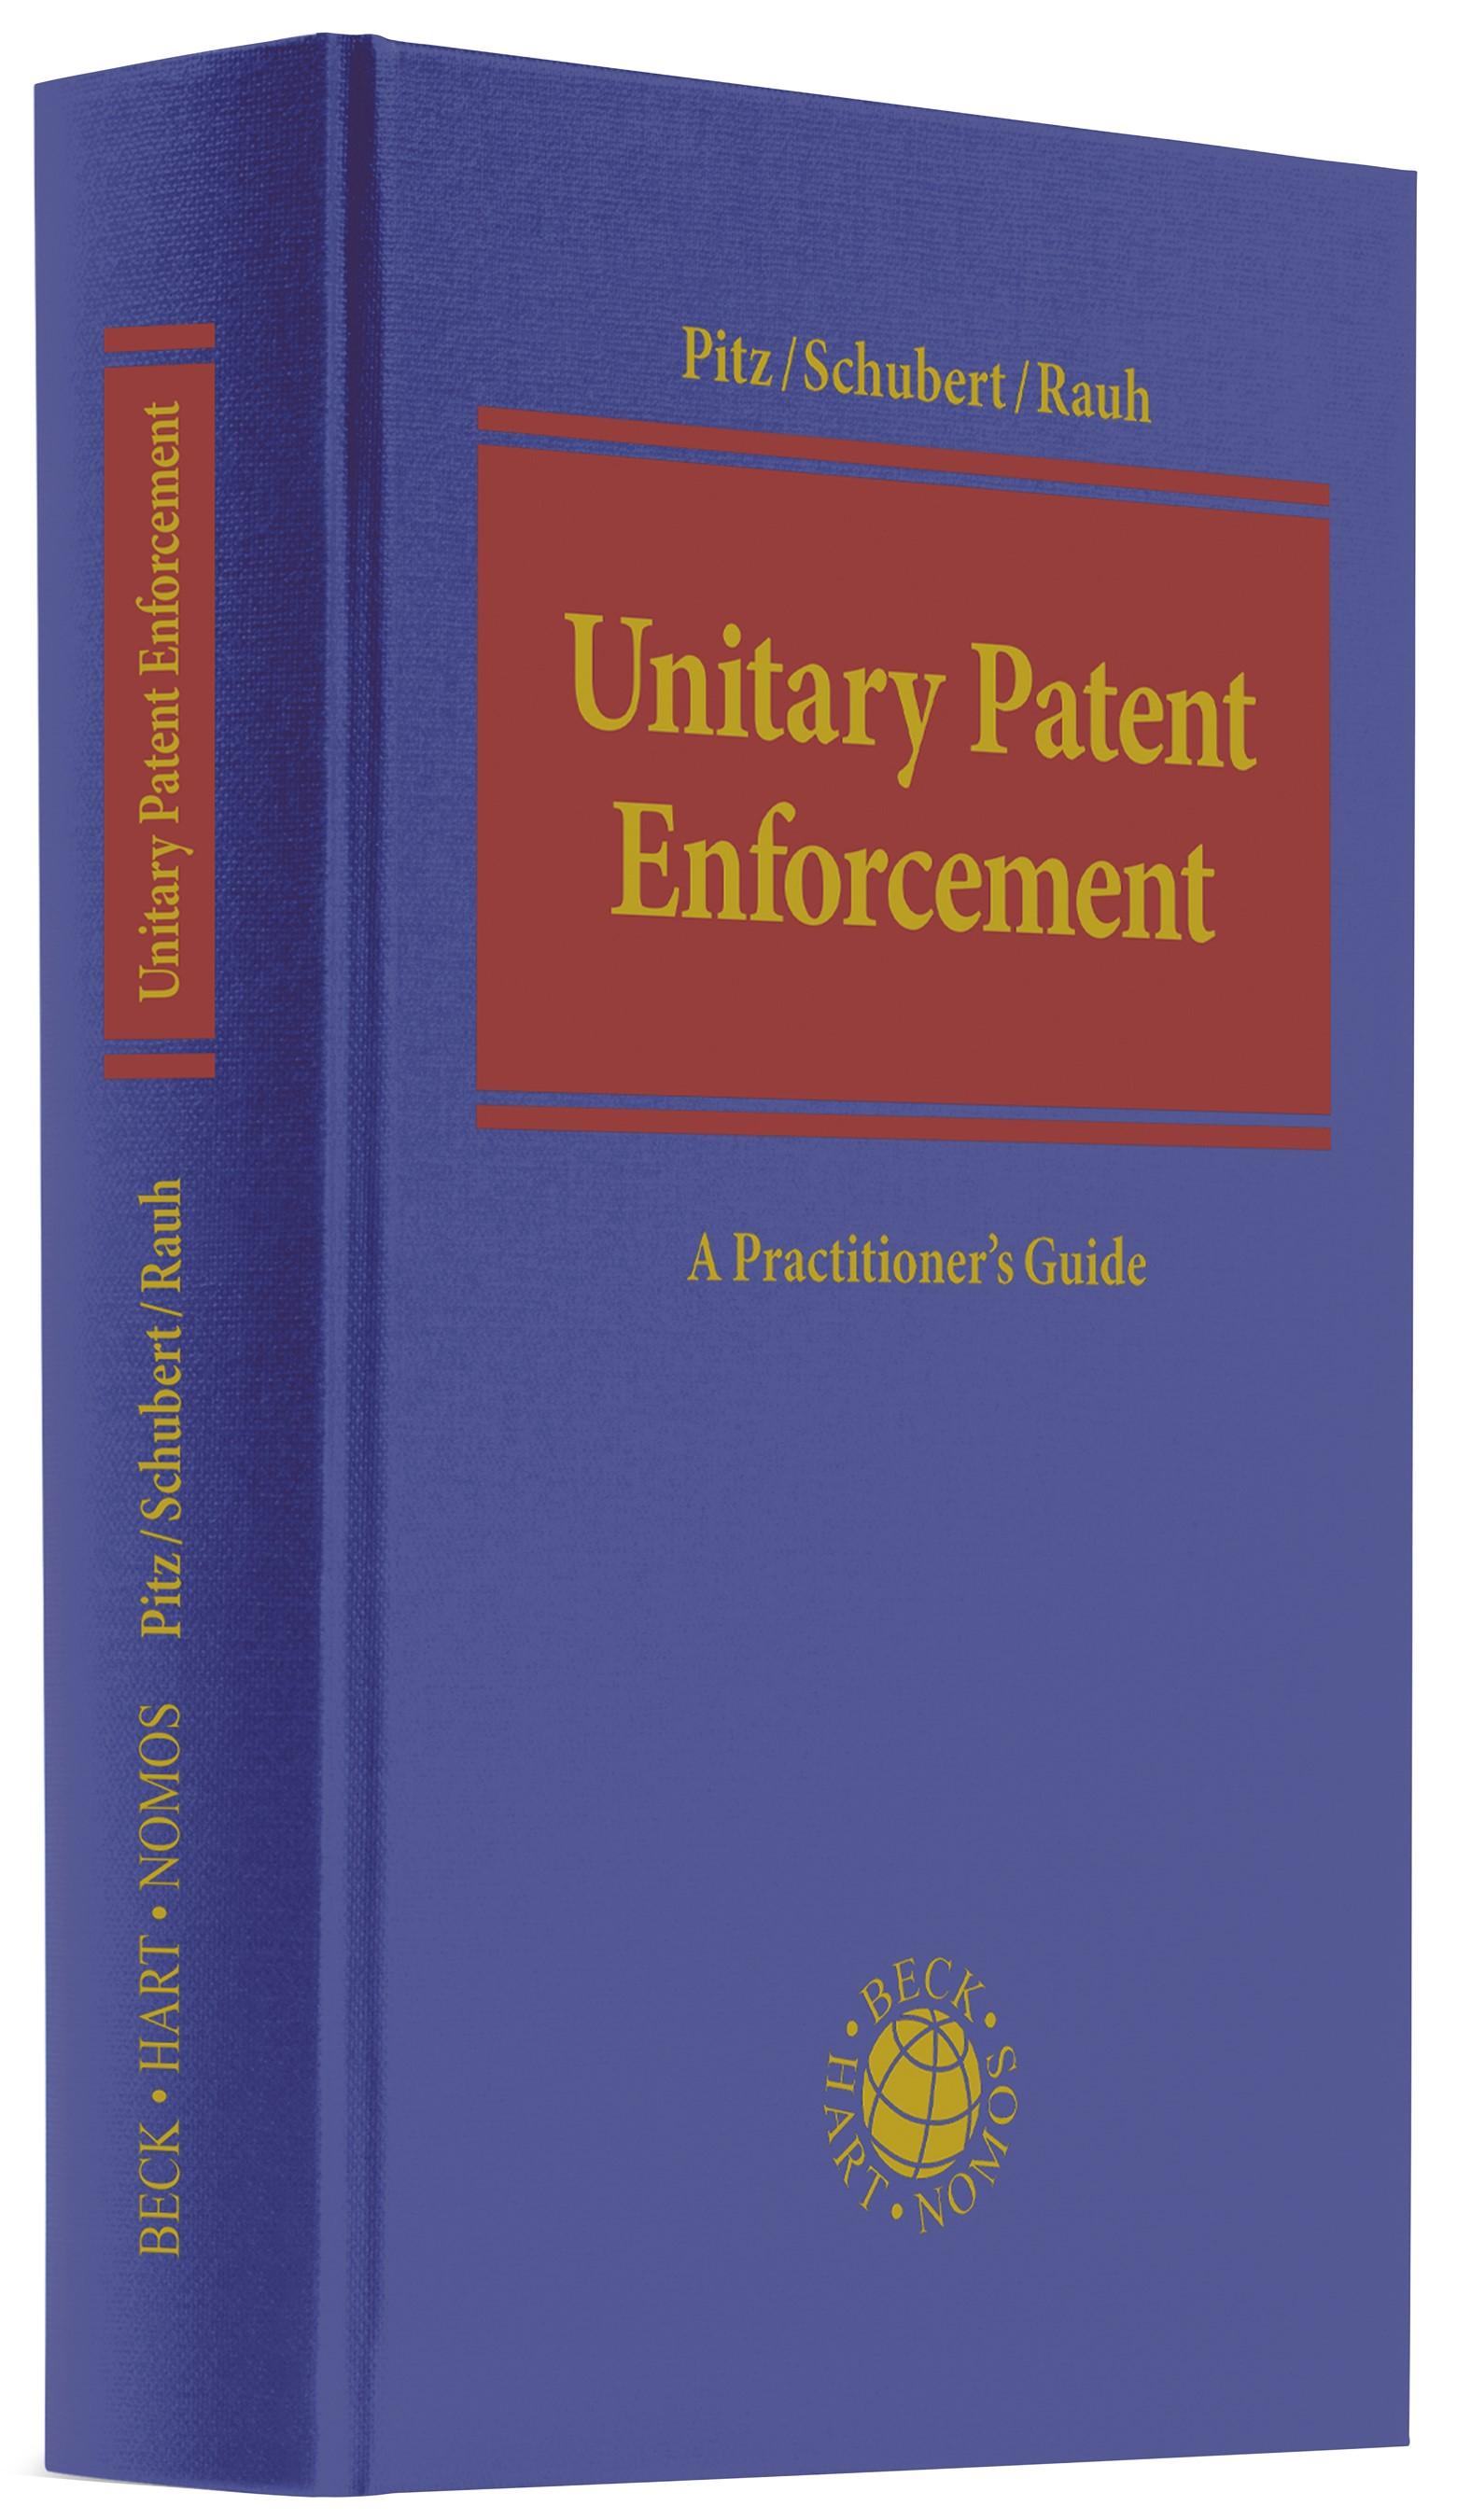 Unitary Patent Enforcement | Pitz / Schubert / Rauh, 2019 | Buch (Cover)